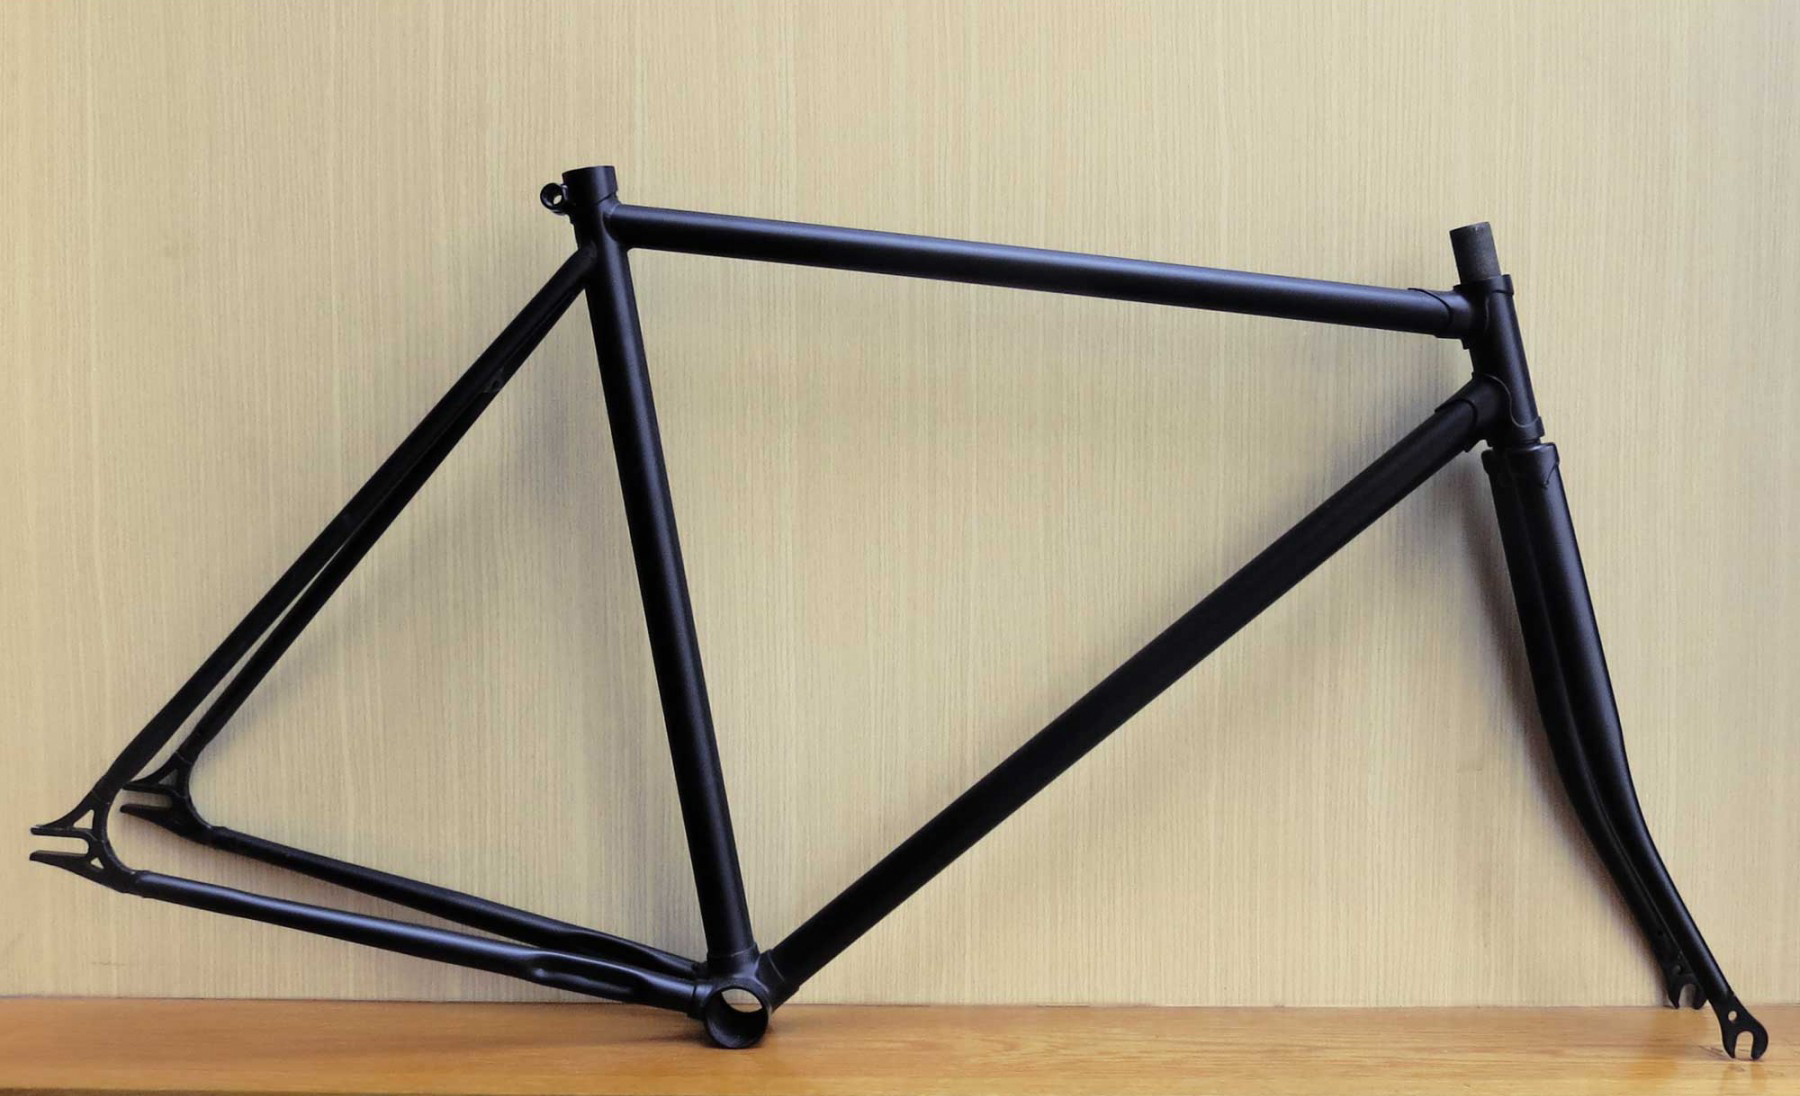 Khung xe đạp, bộ phận quan trọng nhất